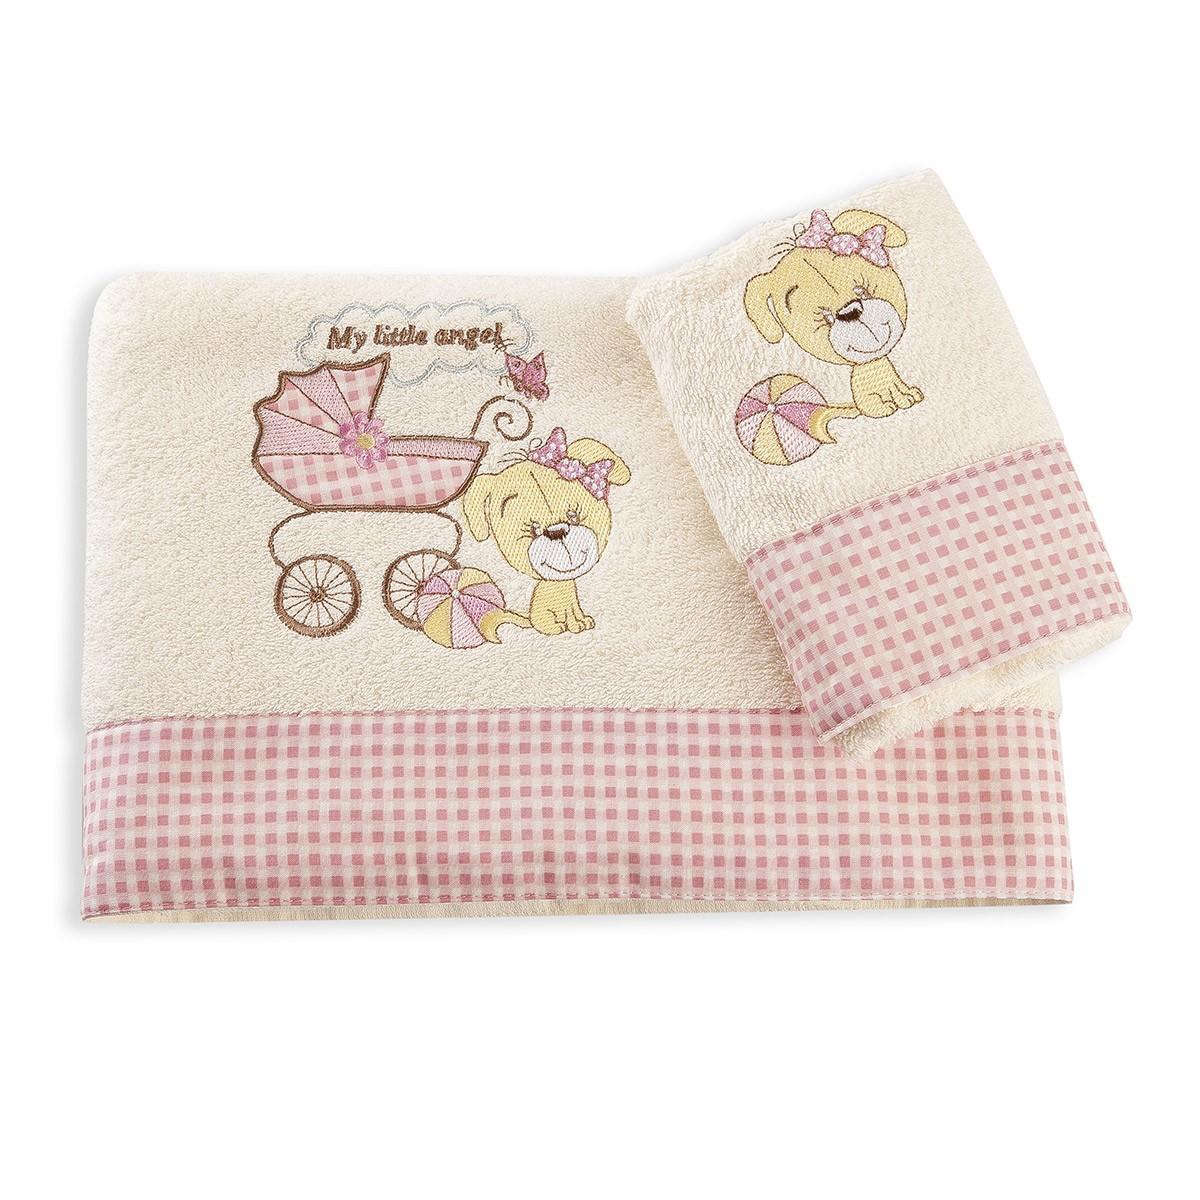 Βρεφικές Πετσέτες (Σετ 2τμχ) Dim Collection My Angel 08